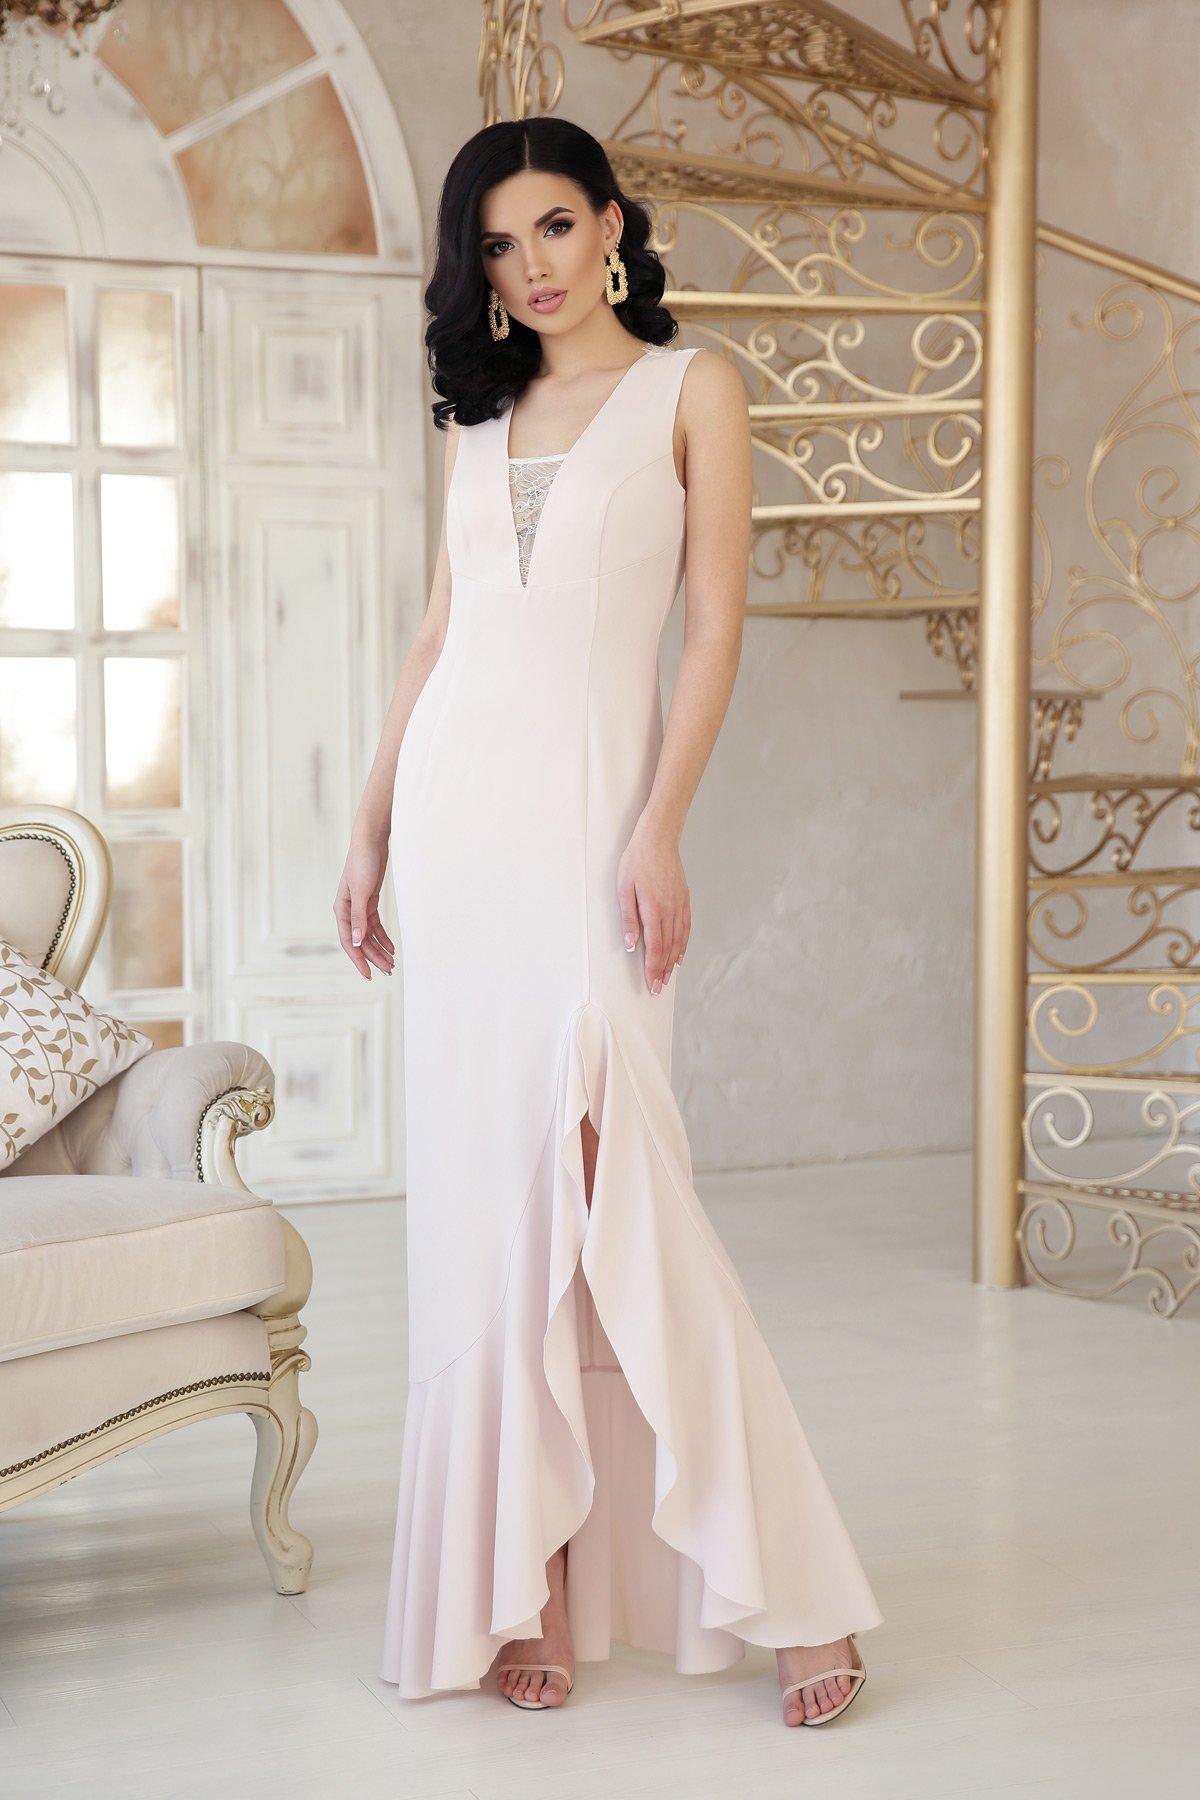 99458578bbd Купити красиву модну жіночу сукню в інтернет магазині